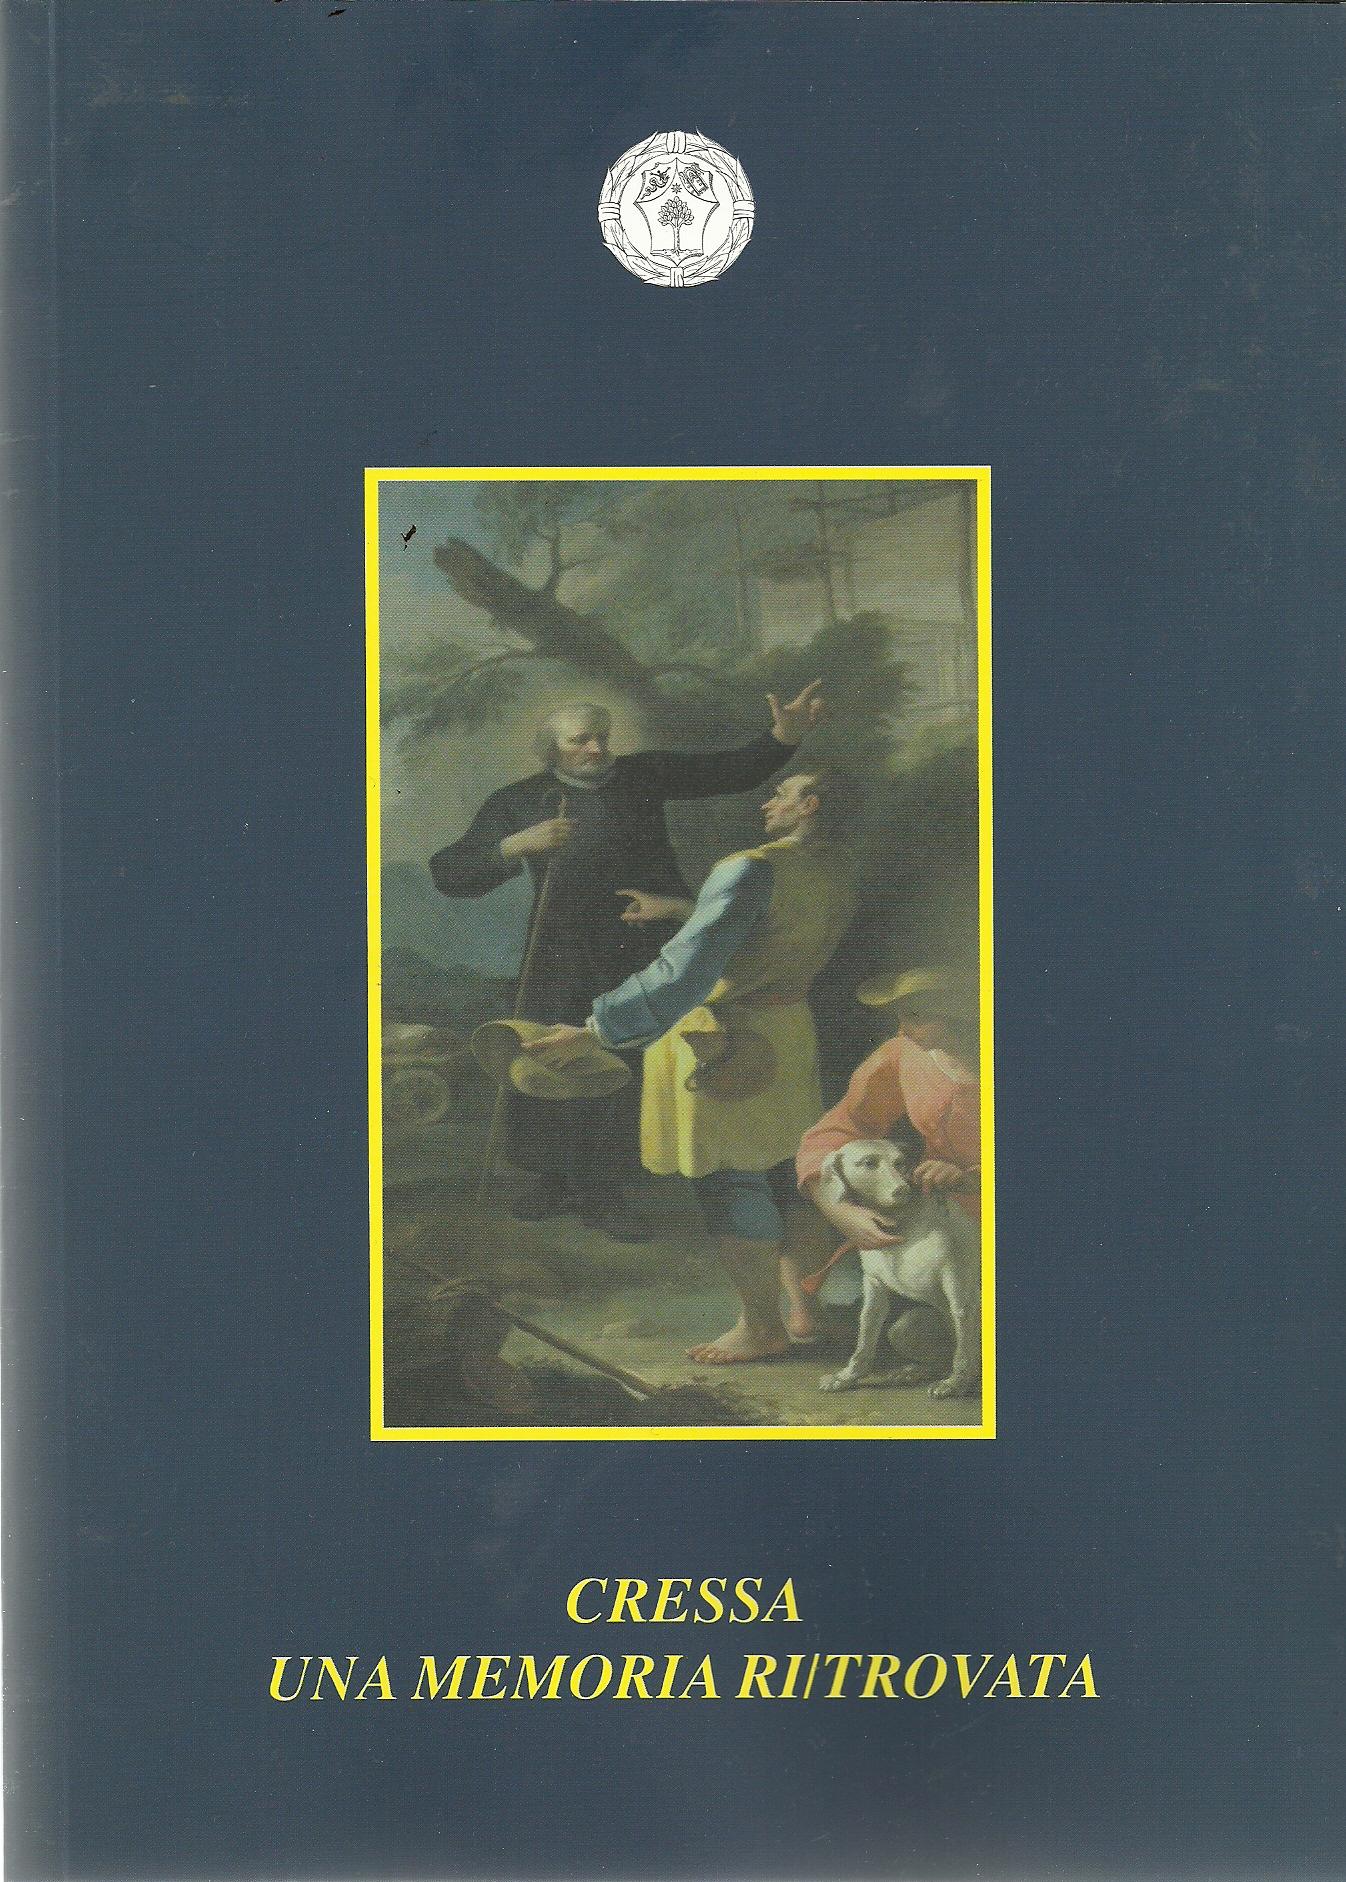 Cressa